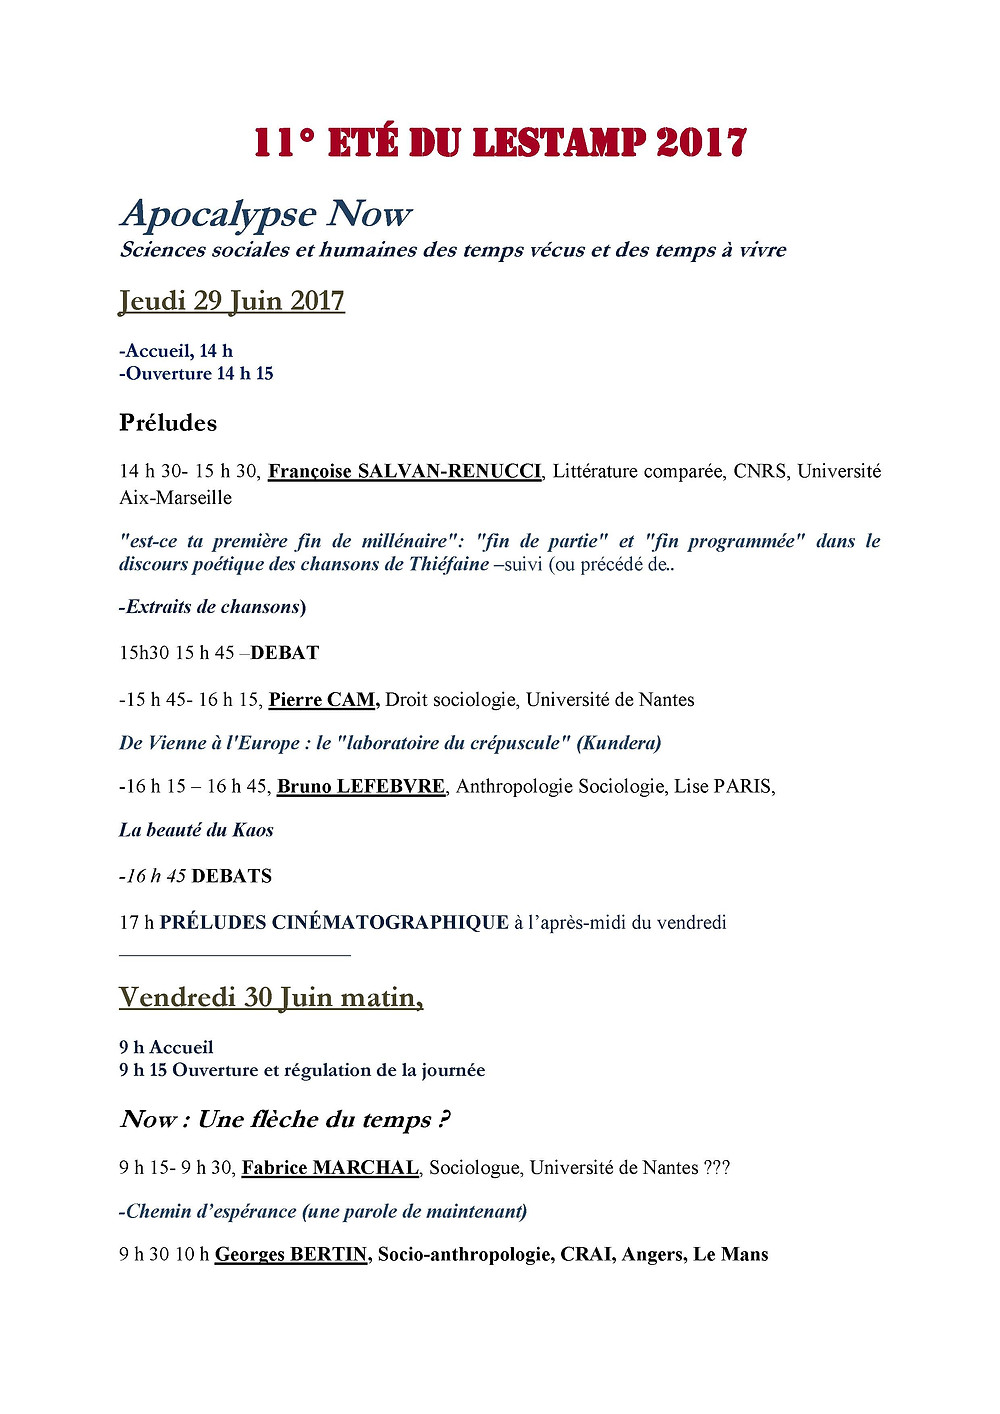 Université de Nantes, Amphithéâtre Jules Vallès, Entrée libre et gratuite